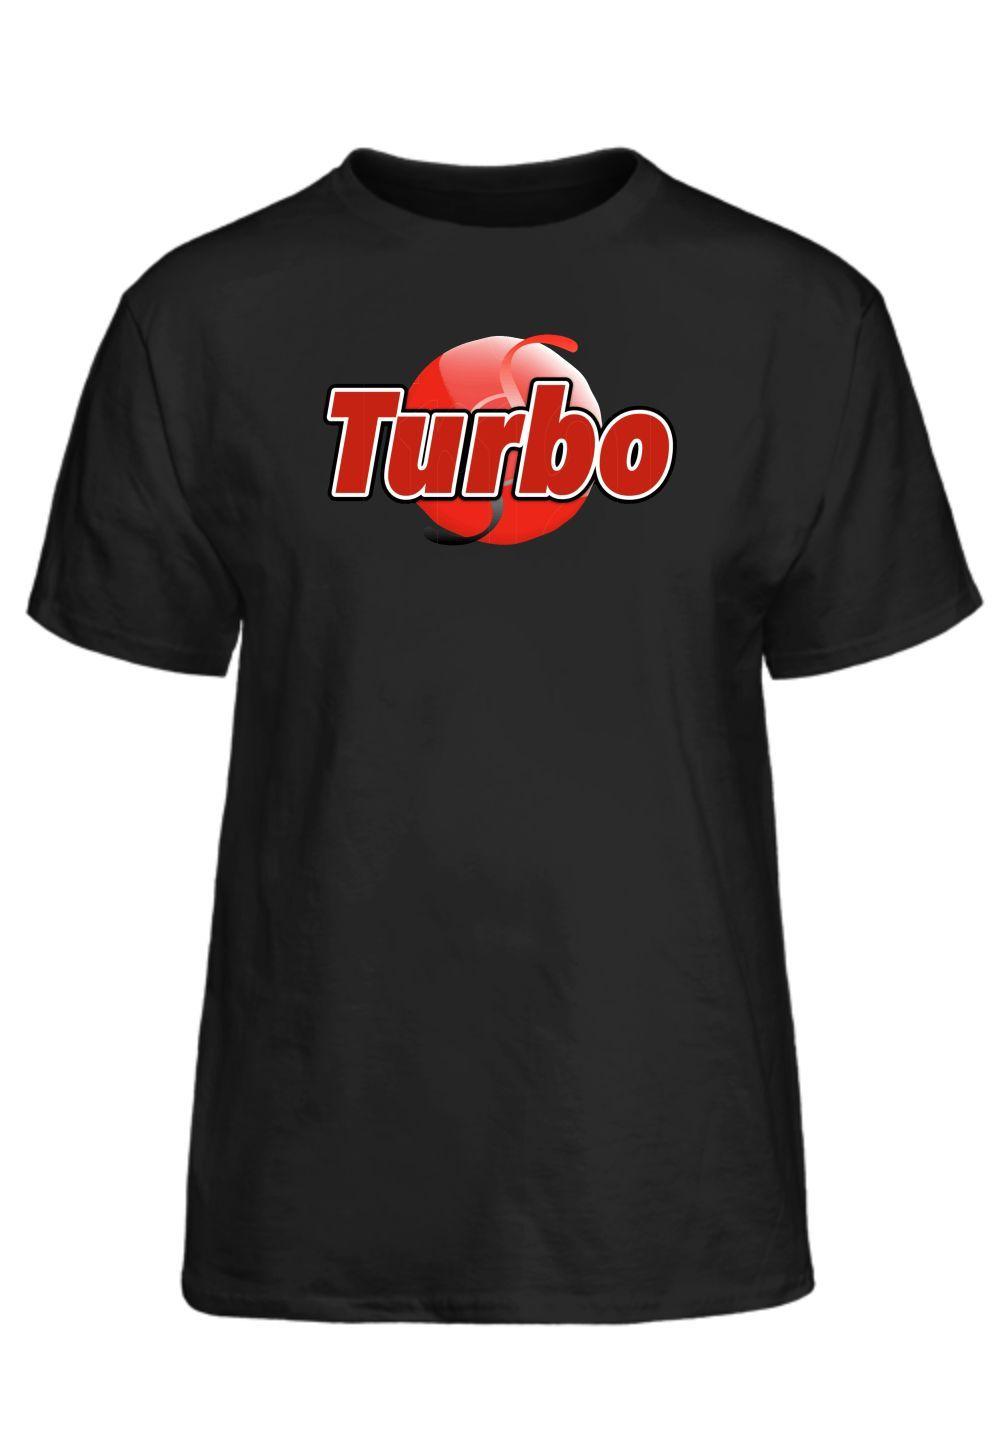 Turbo Basic Tee